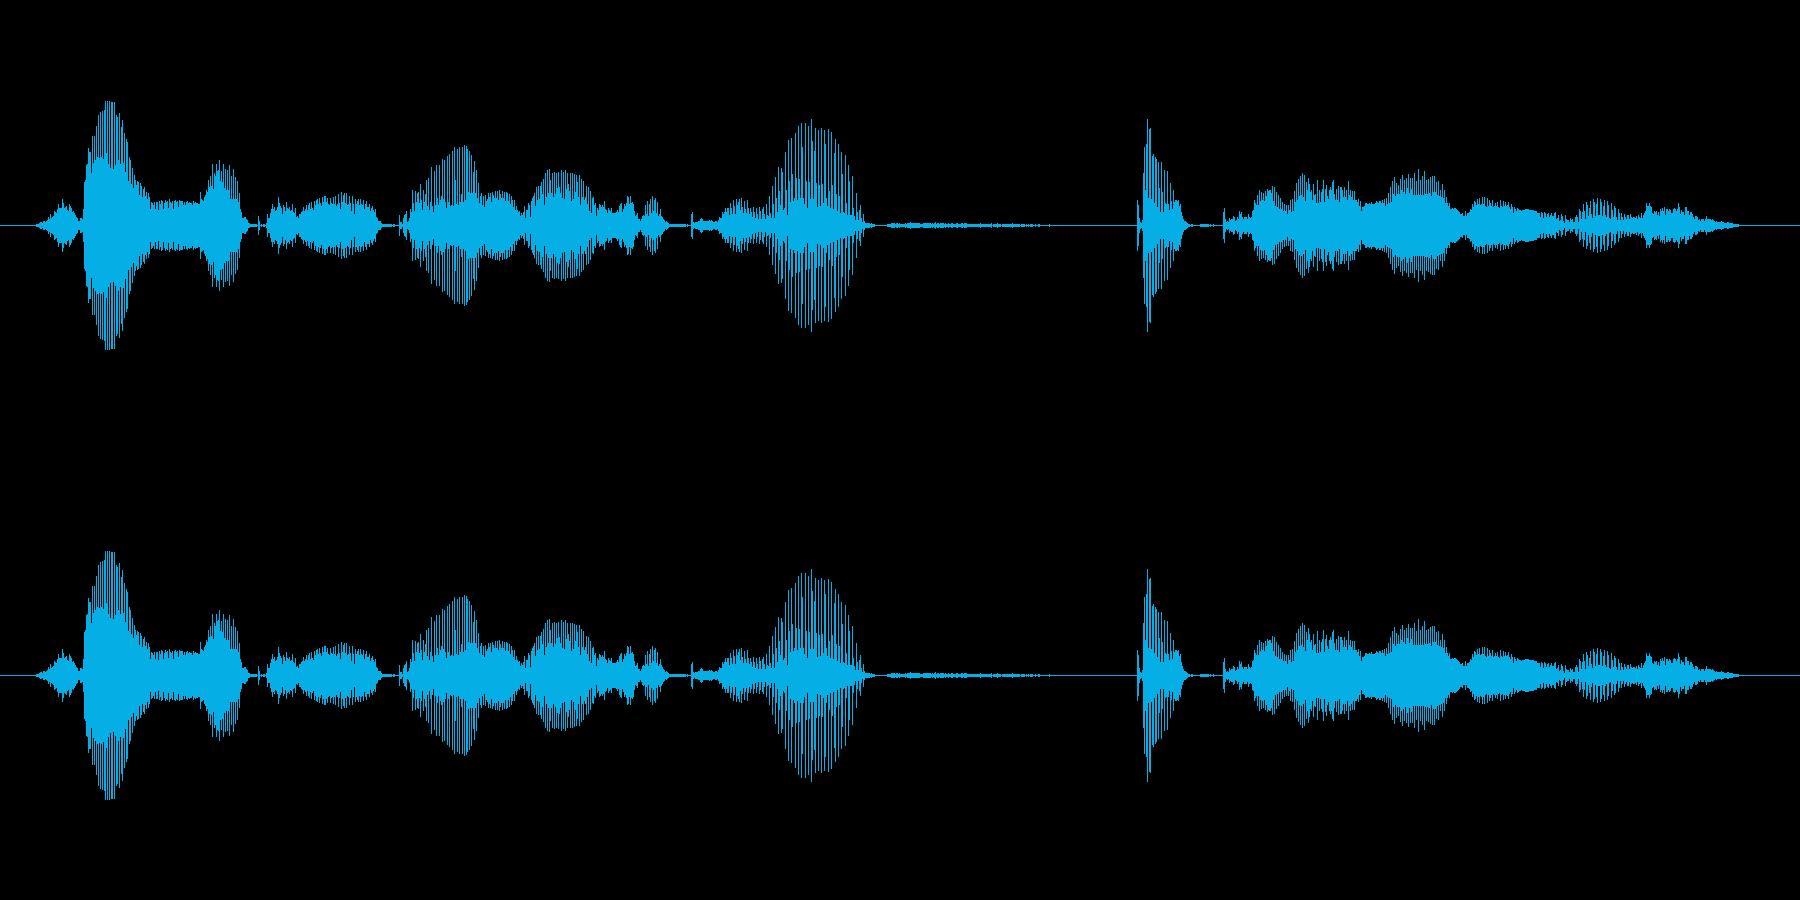 【誕生石】3月の誕生石は、アクアマリン…の再生済みの波形